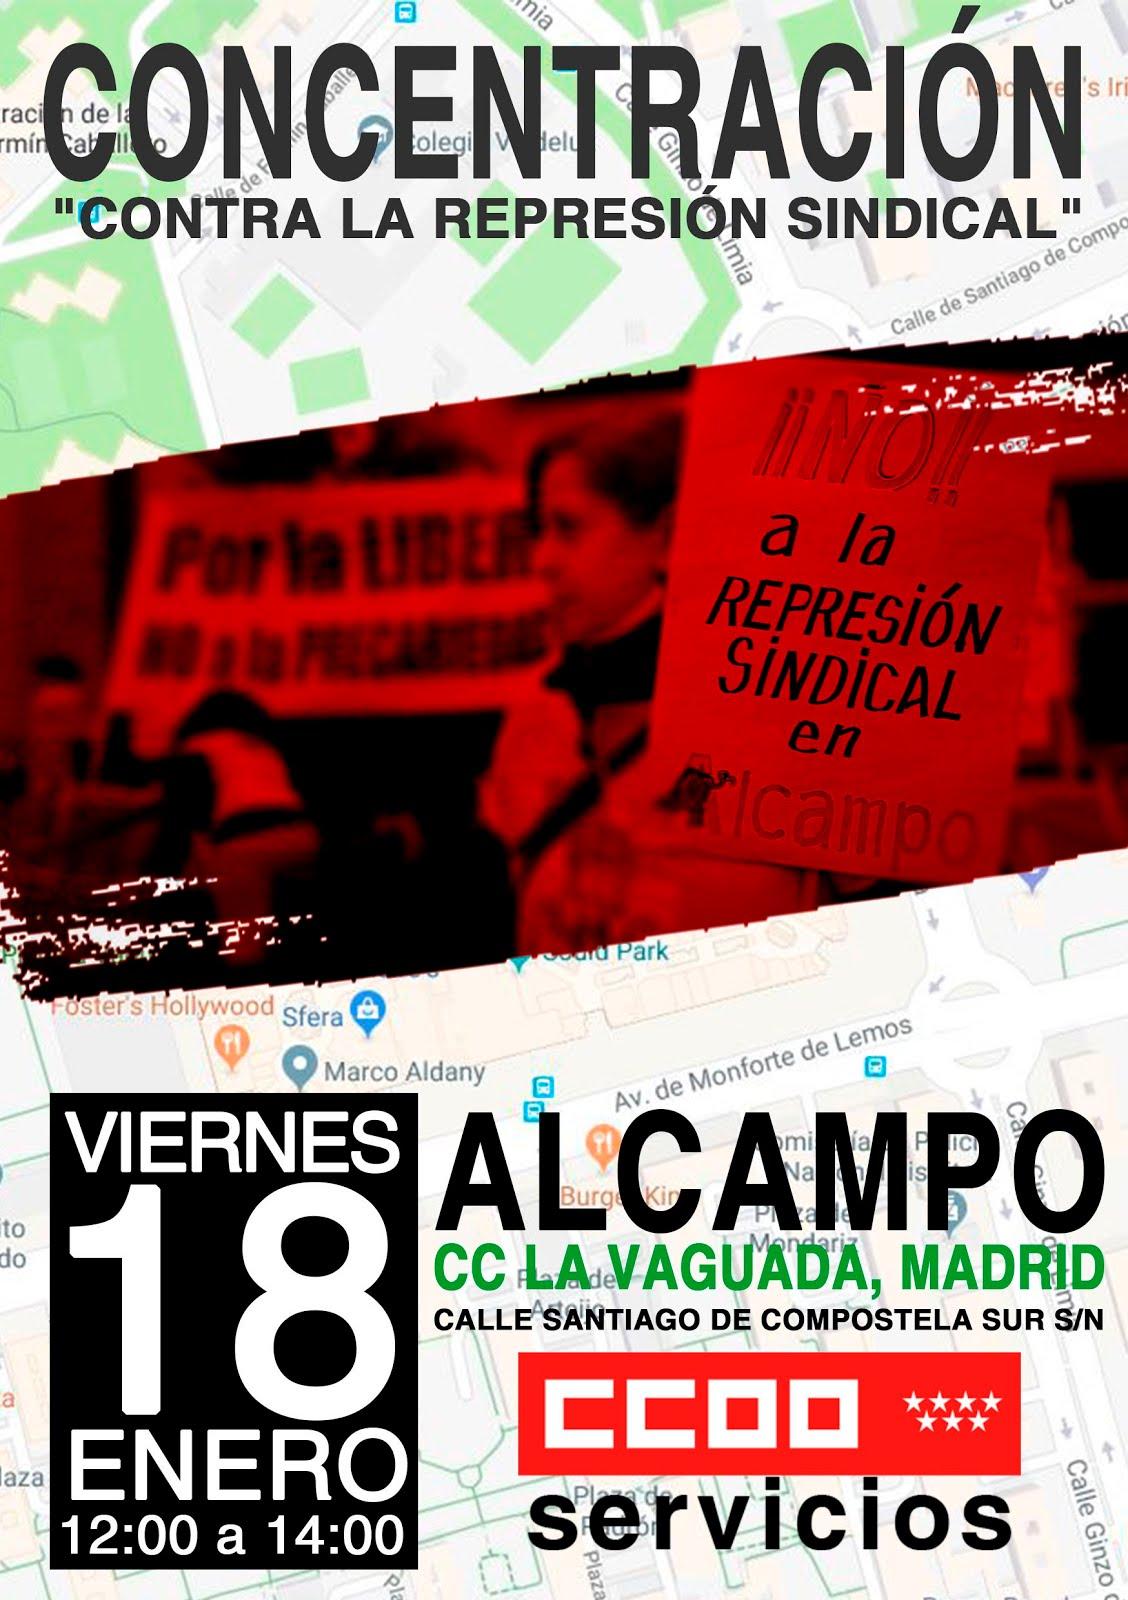 18 enero No a la Represión Sindical ALcampo